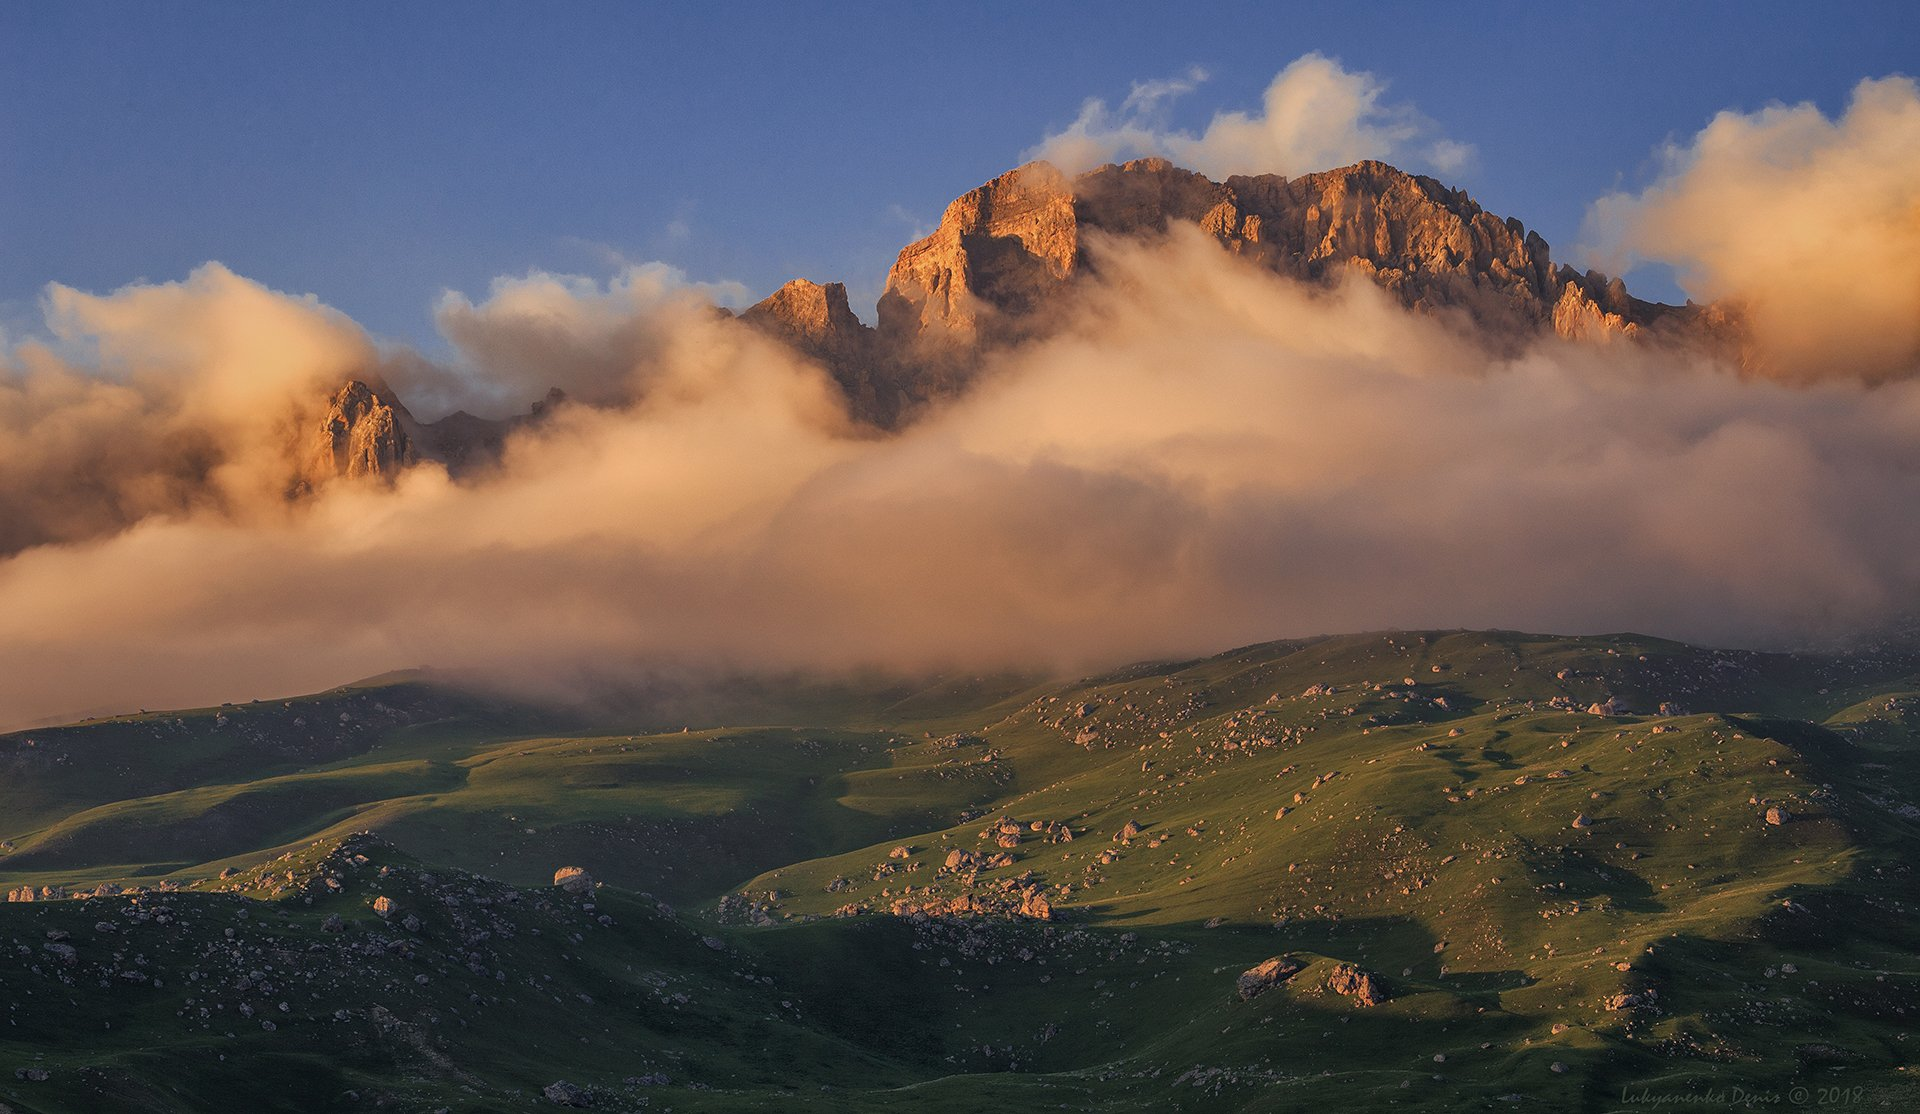 россия, кавказ, северная осетия, горы, облака, вечер, пейзаж, Лукьяненко Денис